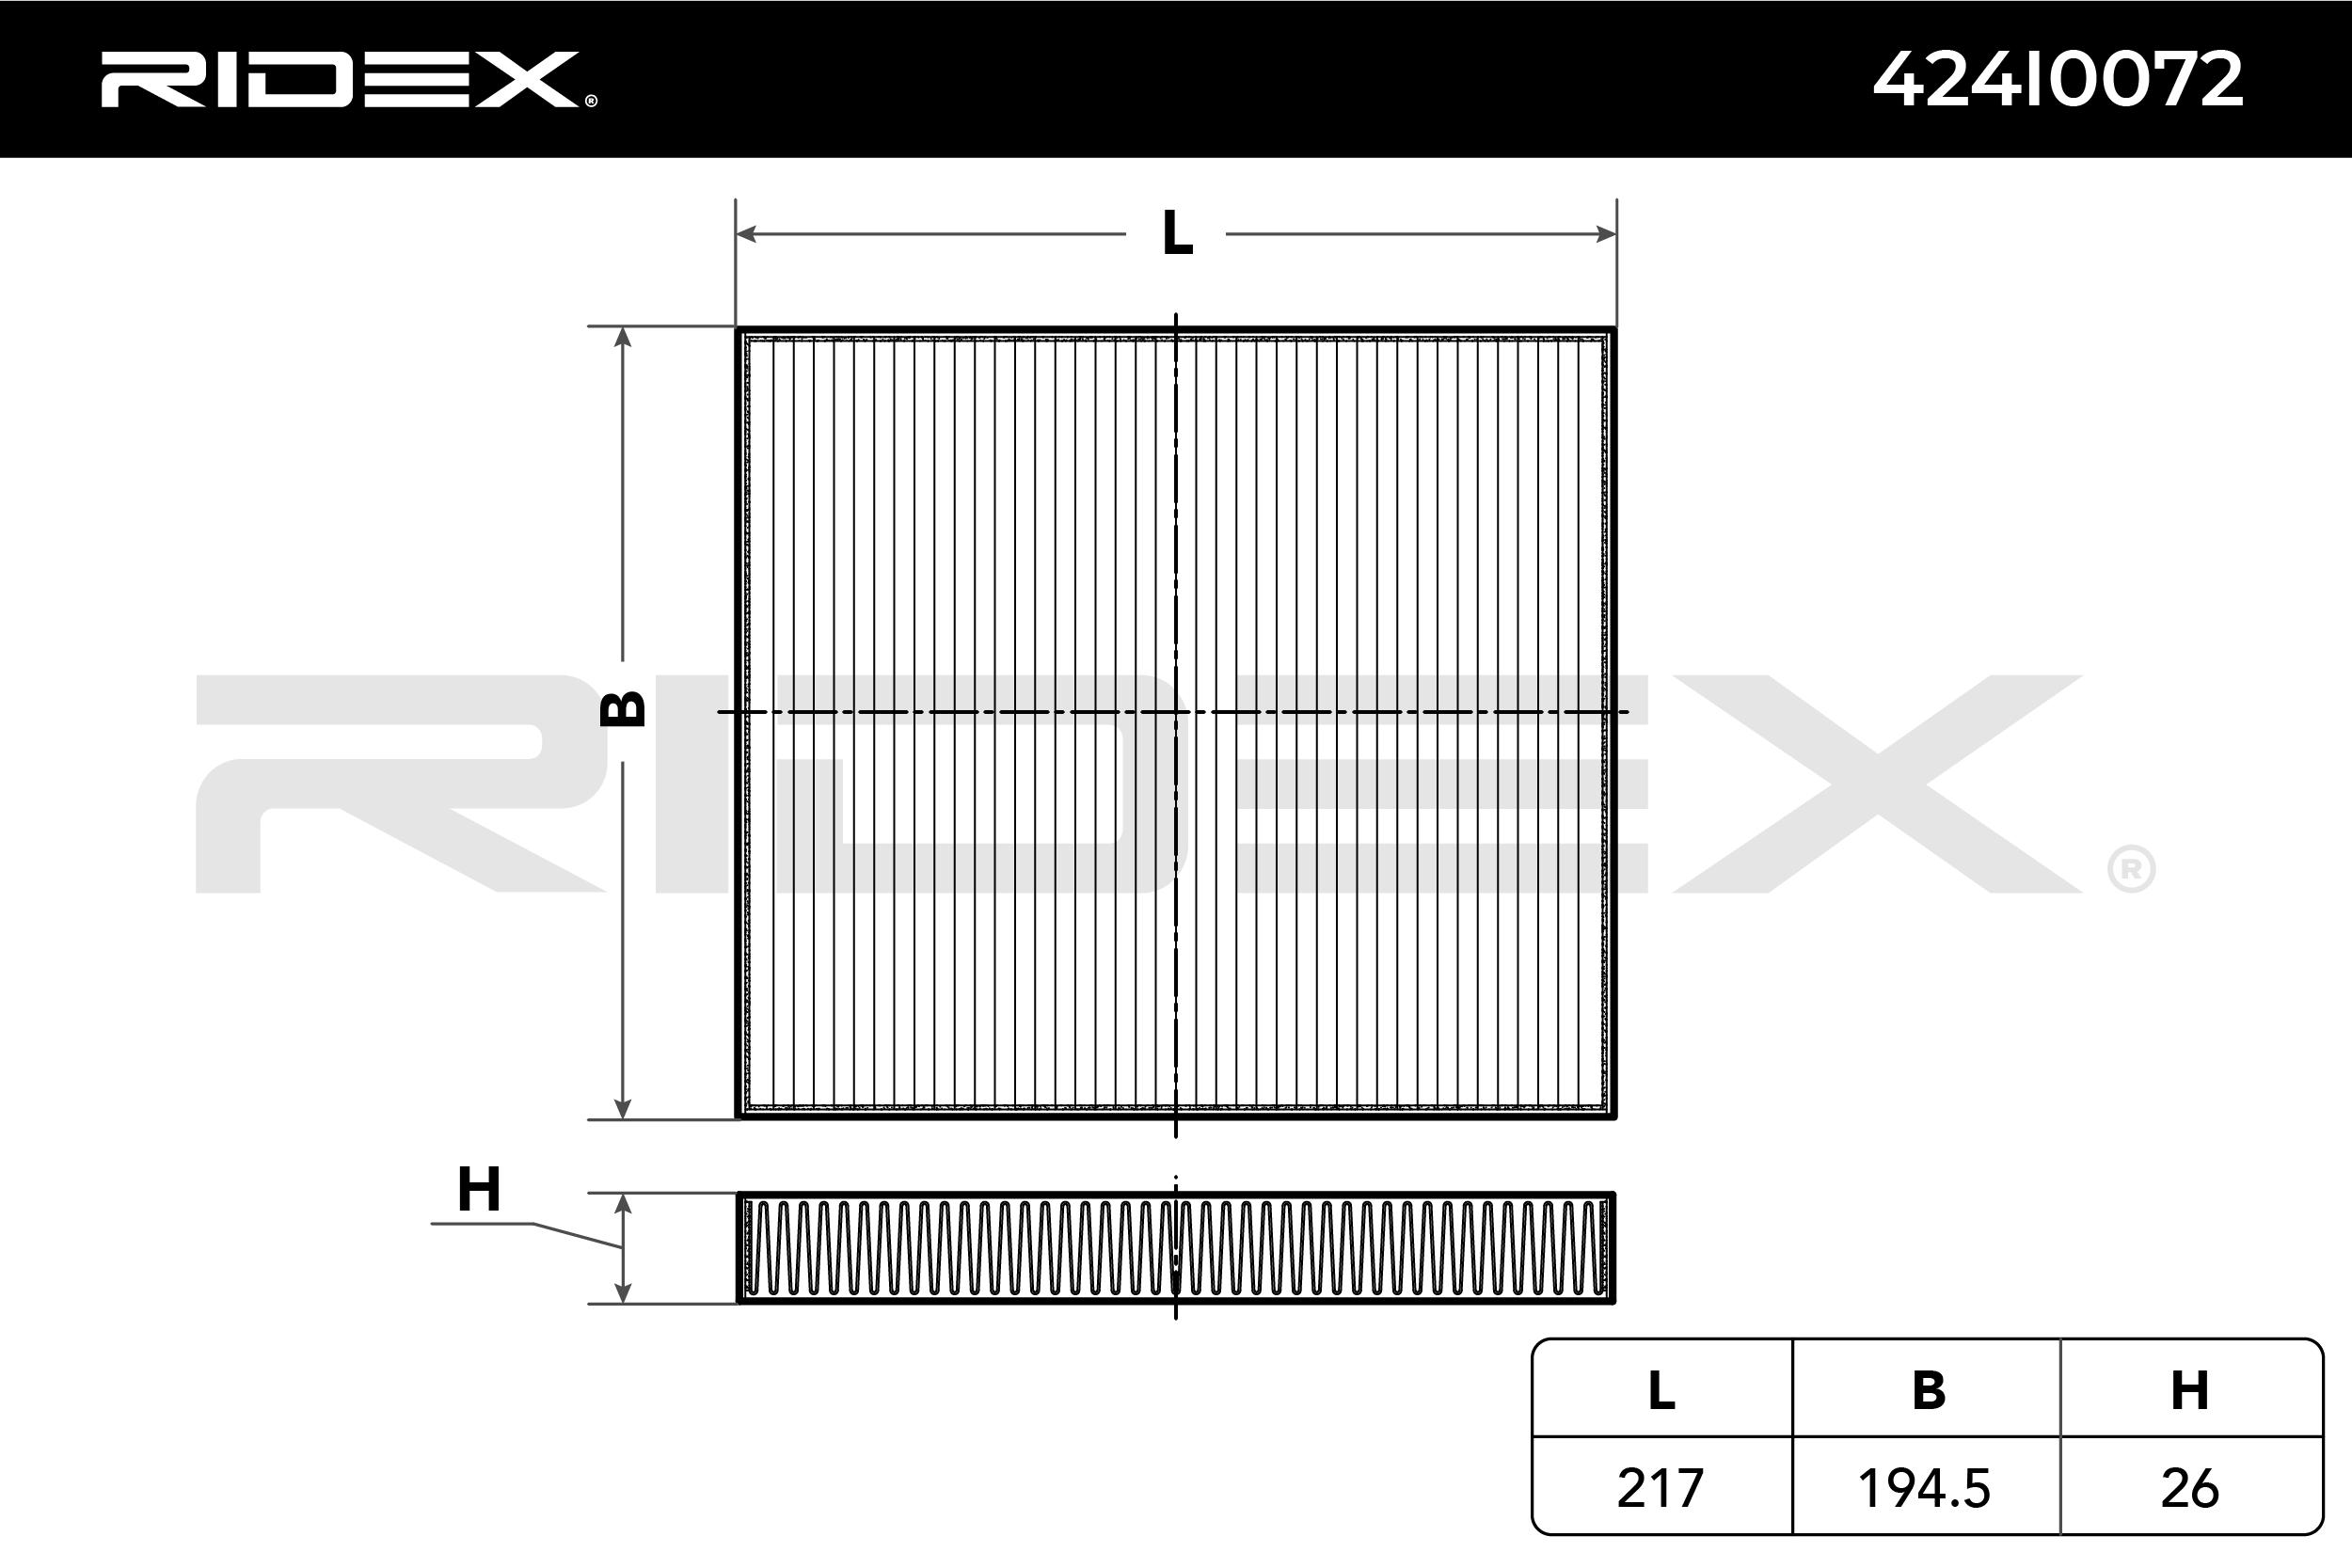 Origine Filtre climatisation RIDEX 424I0072 (Largeur: 195mm, Hauteur: 26mm, Longueur: 217mm)